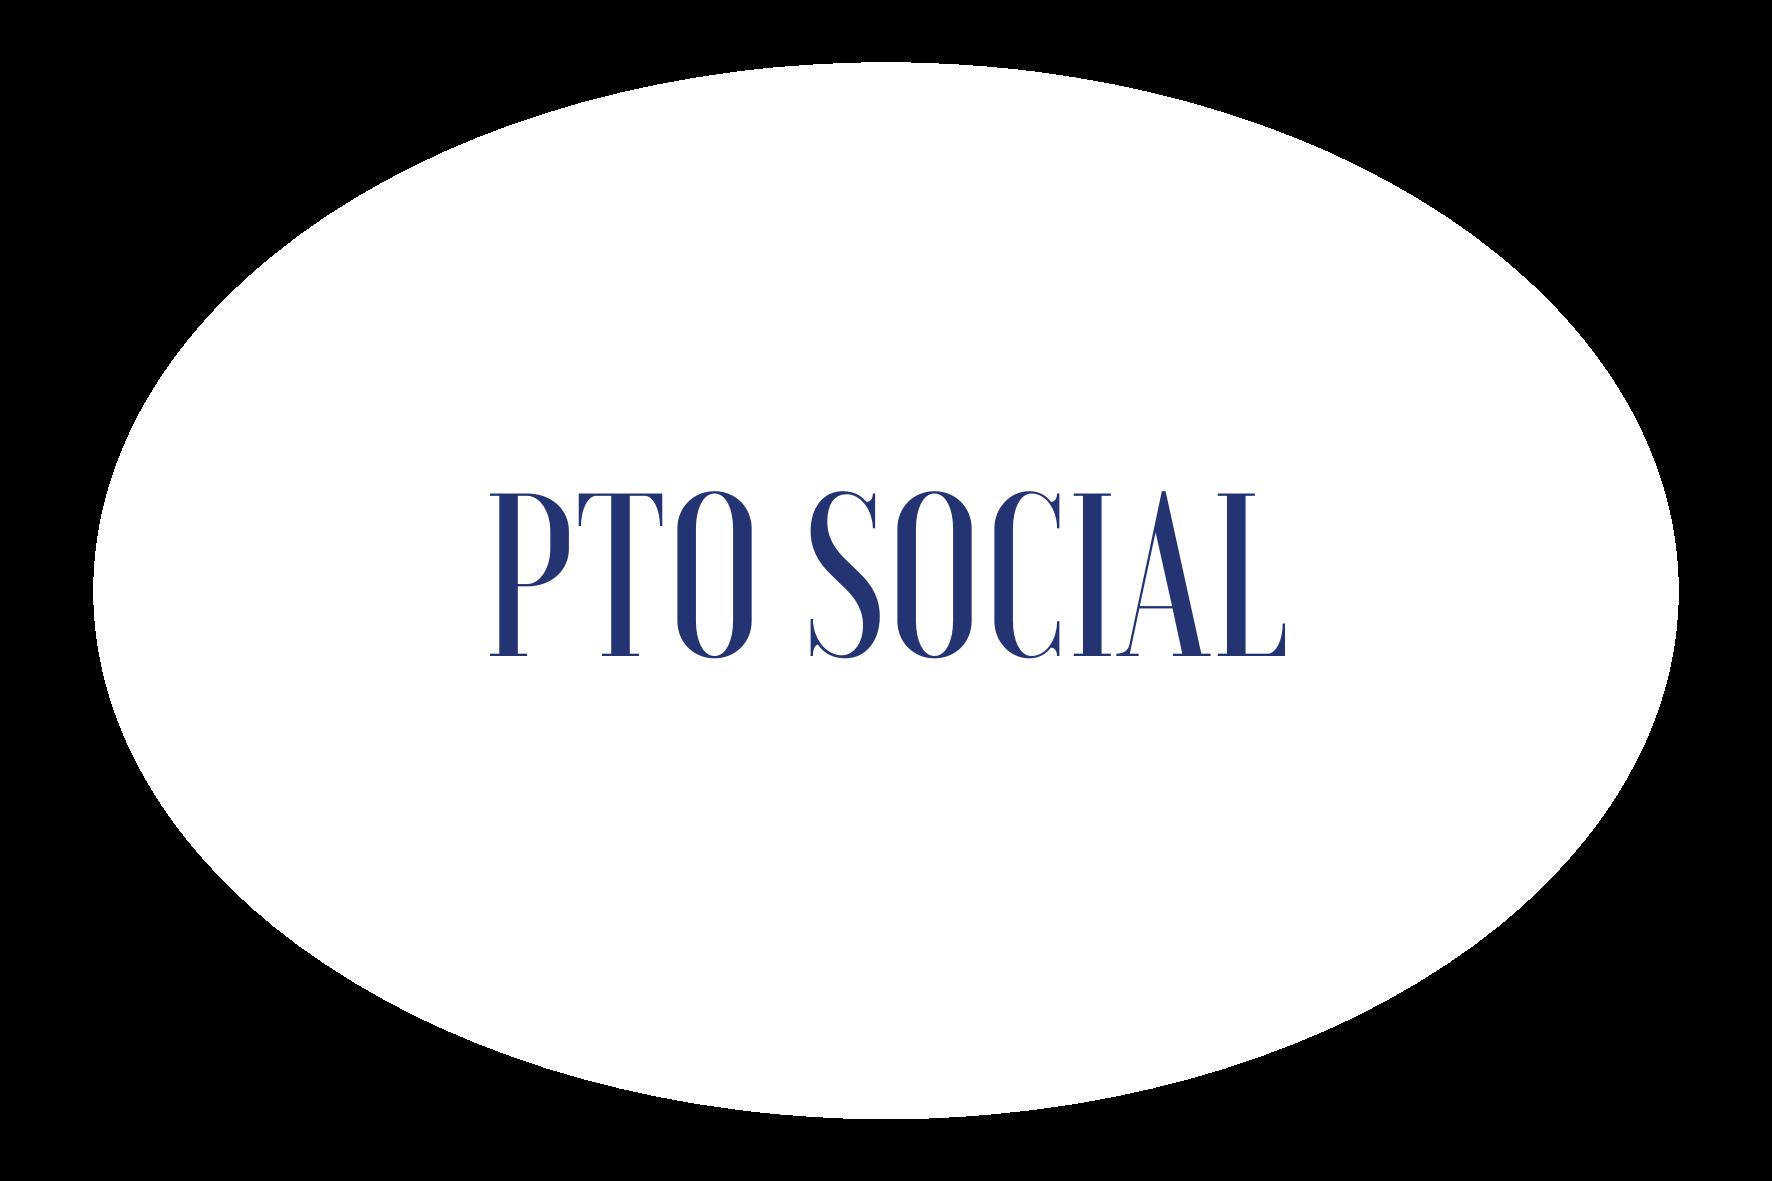 PTOsocial